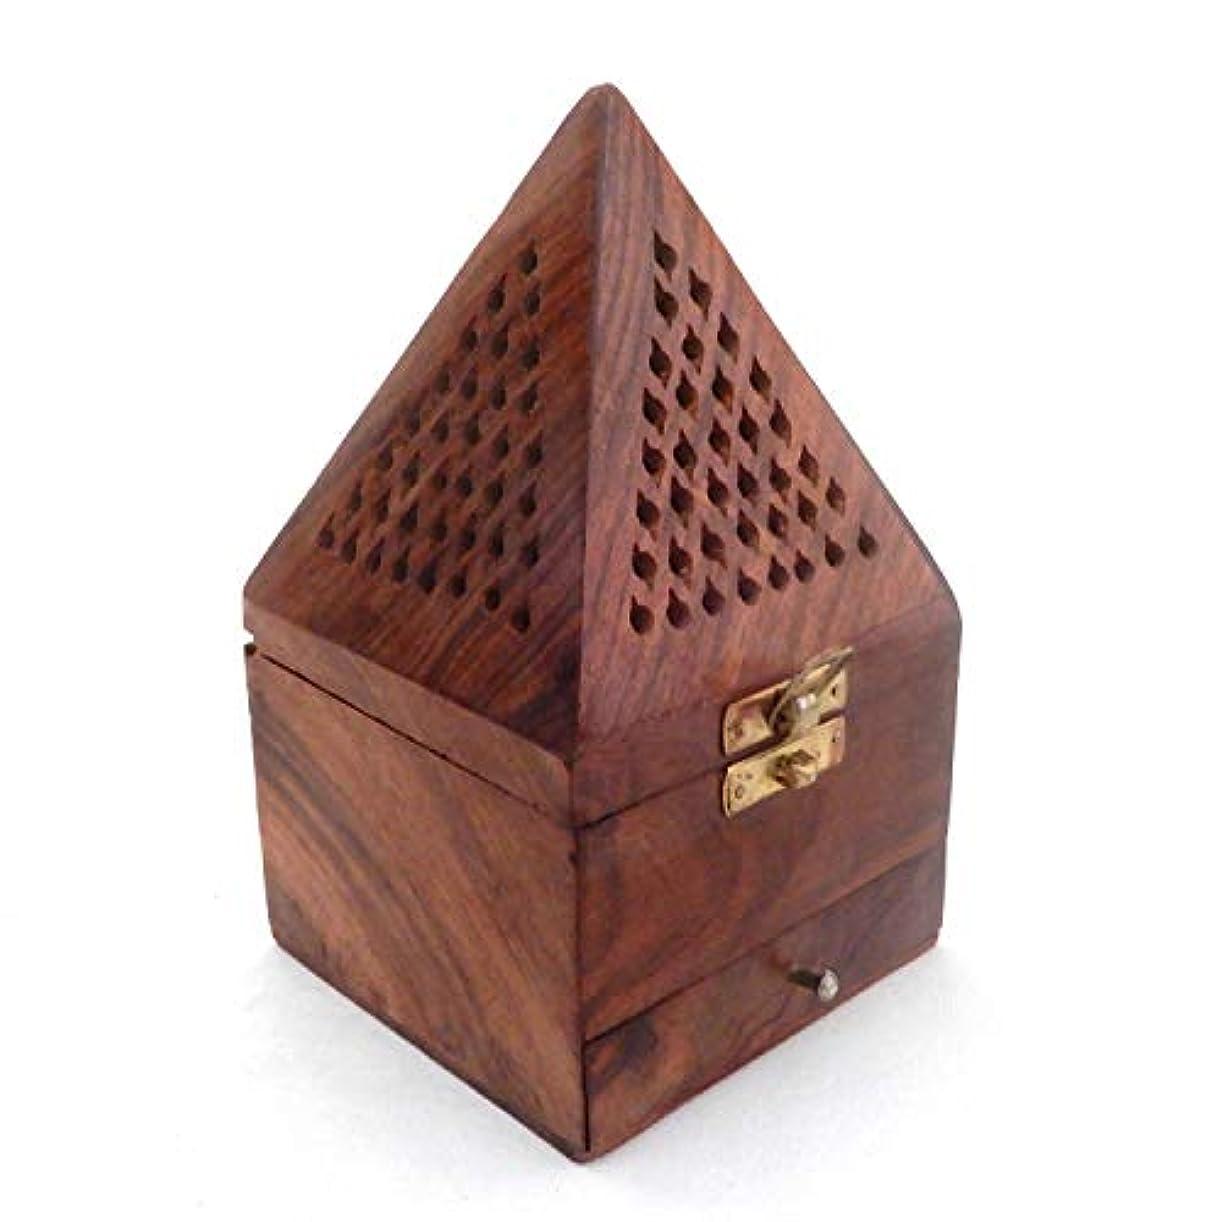 ヒットラオス人可決クリスマスプレゼント、木製ピラミッド形状Burner、Dhoopホルダーwith Base正方形とトップ円錐形状Dhoopホルダー